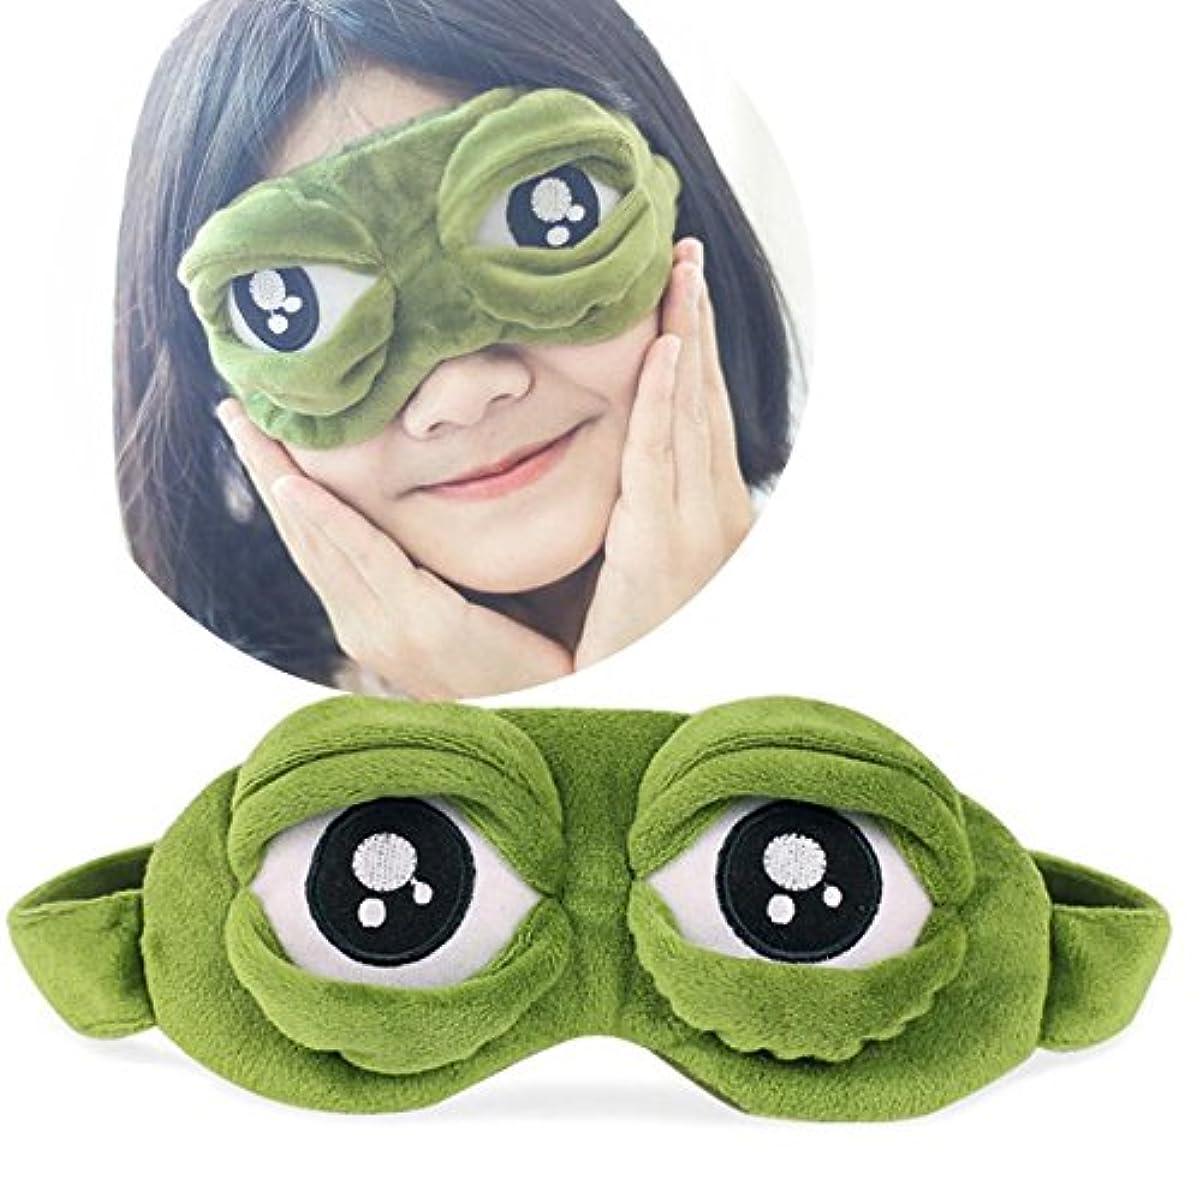 周波数商業の消える注かわいい目のマスクカバーぬいぐるみ悲しい3Dカエルアイマスクカバー睡眠休息旅行睡眠アニメ面白いギフトアイカバー